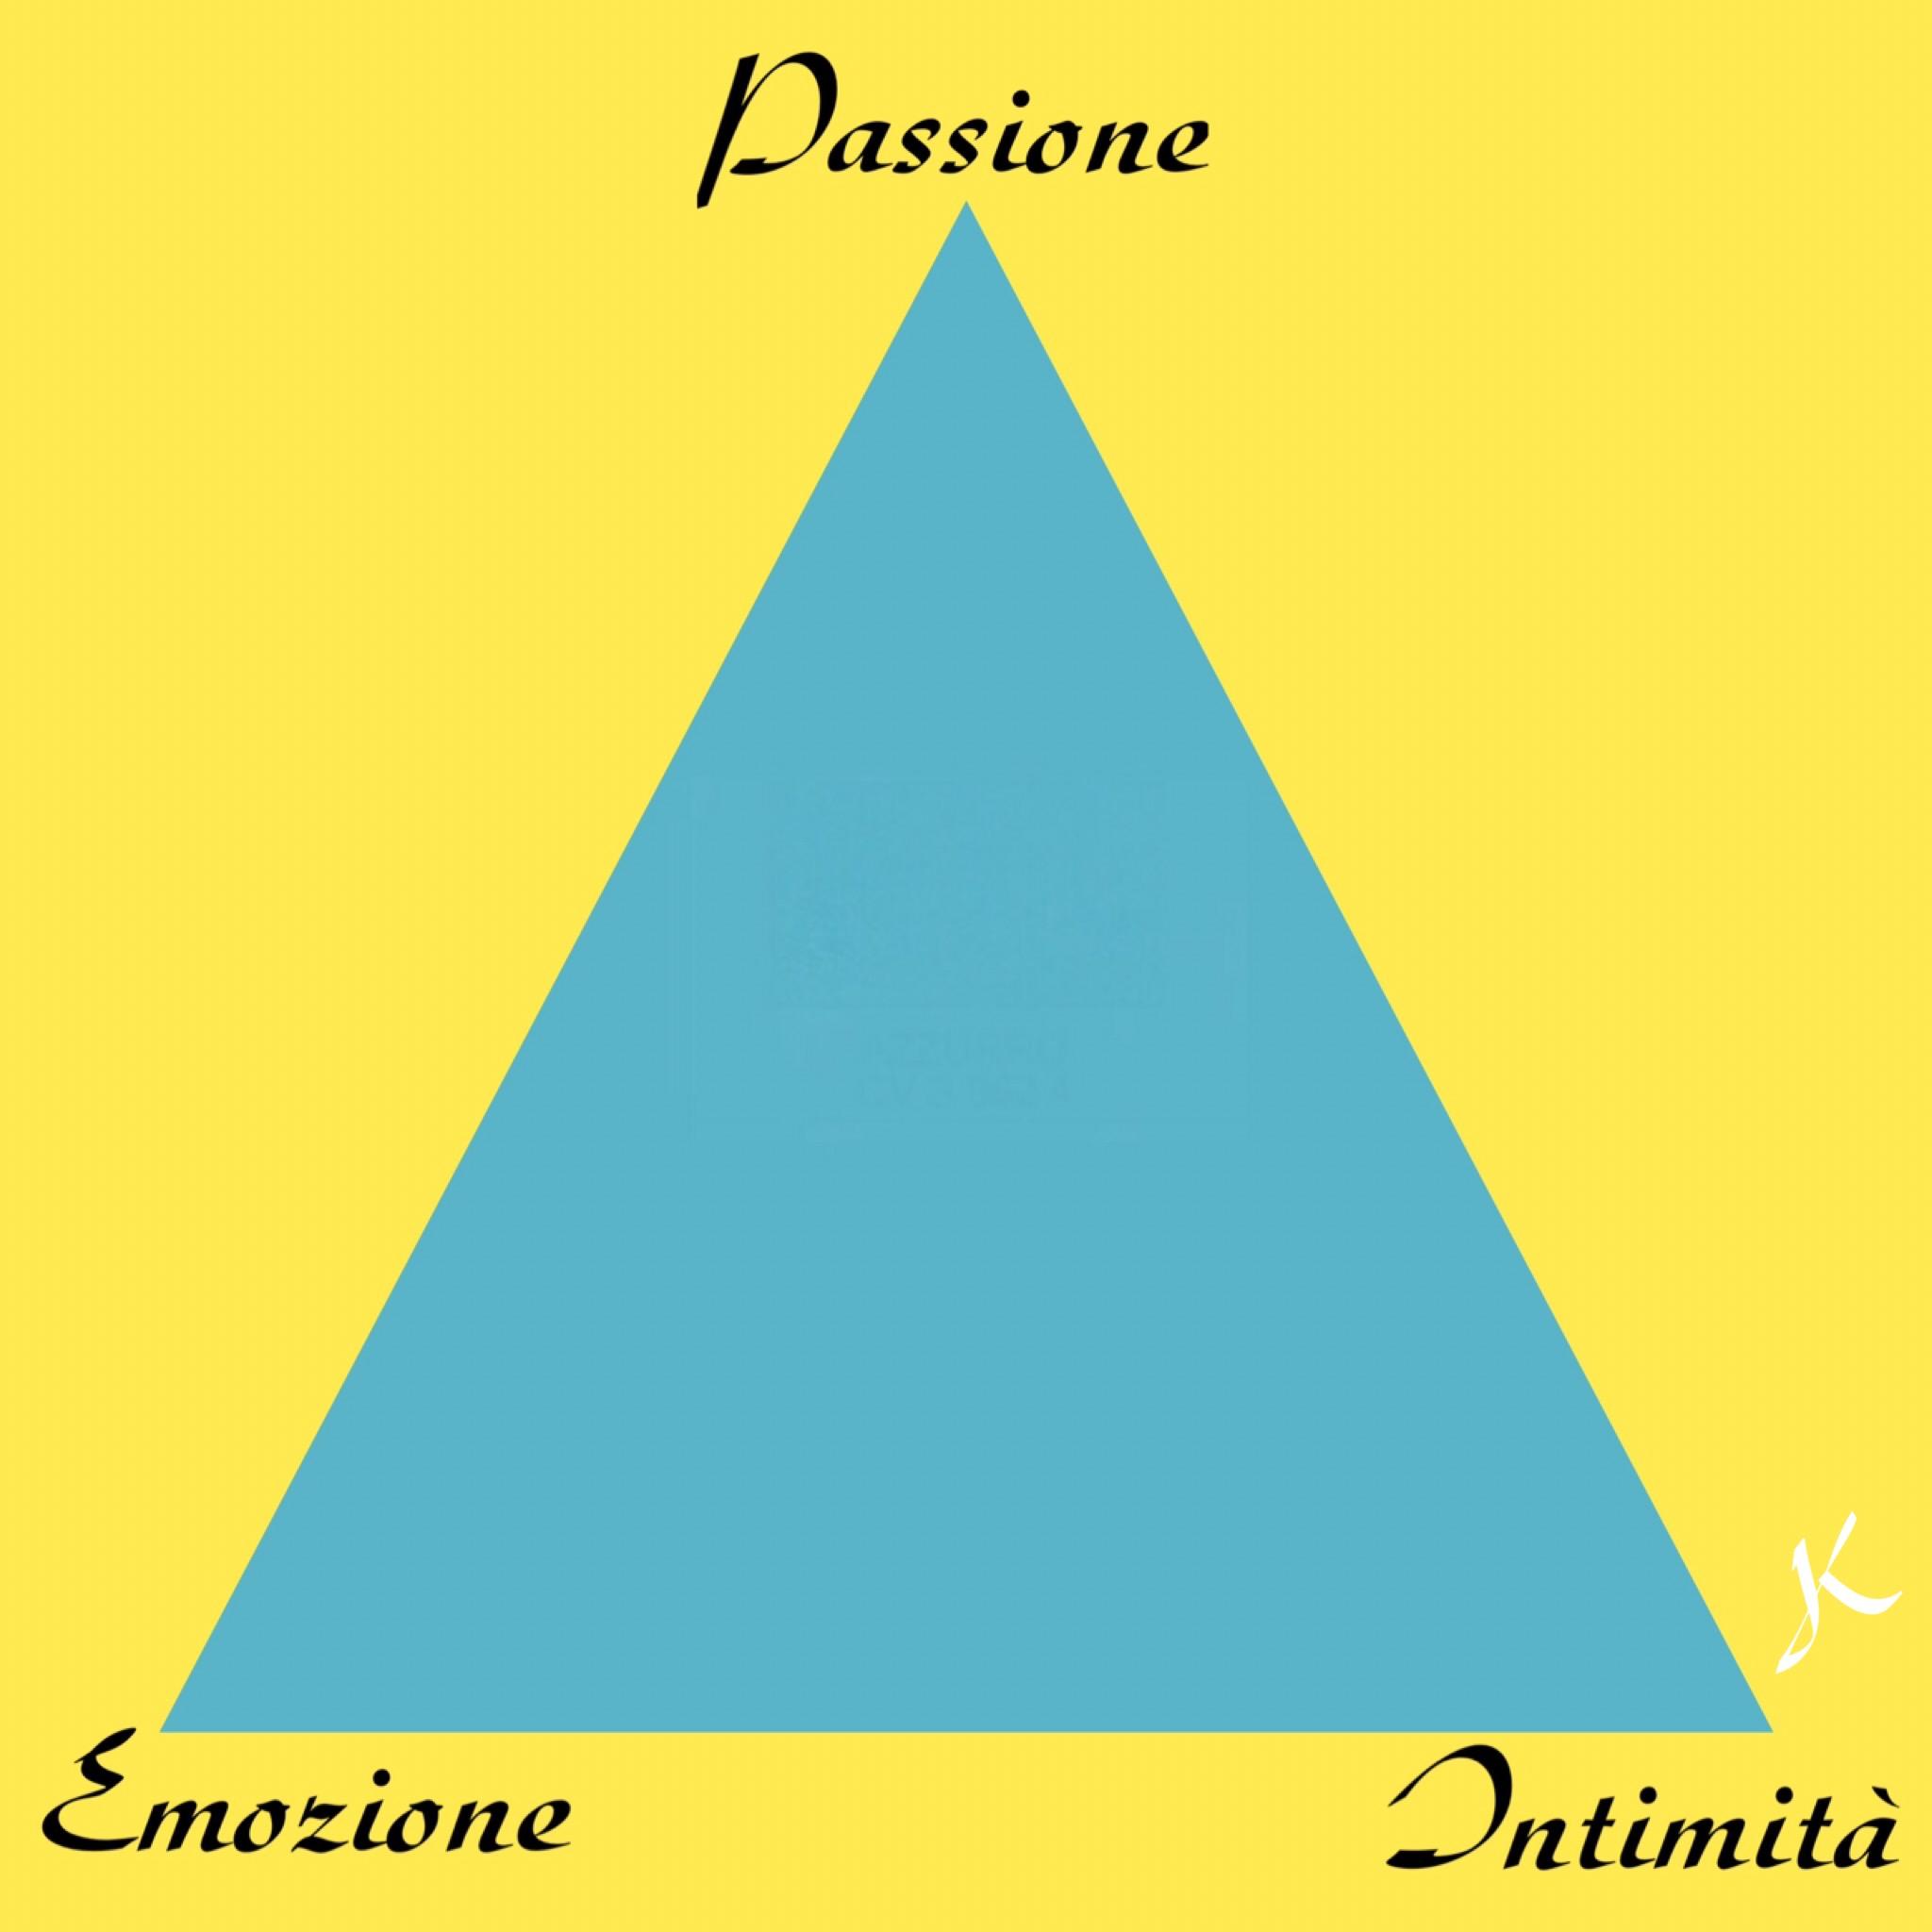 Teoria triangolare dell'amore di Robert J. Sternberg.